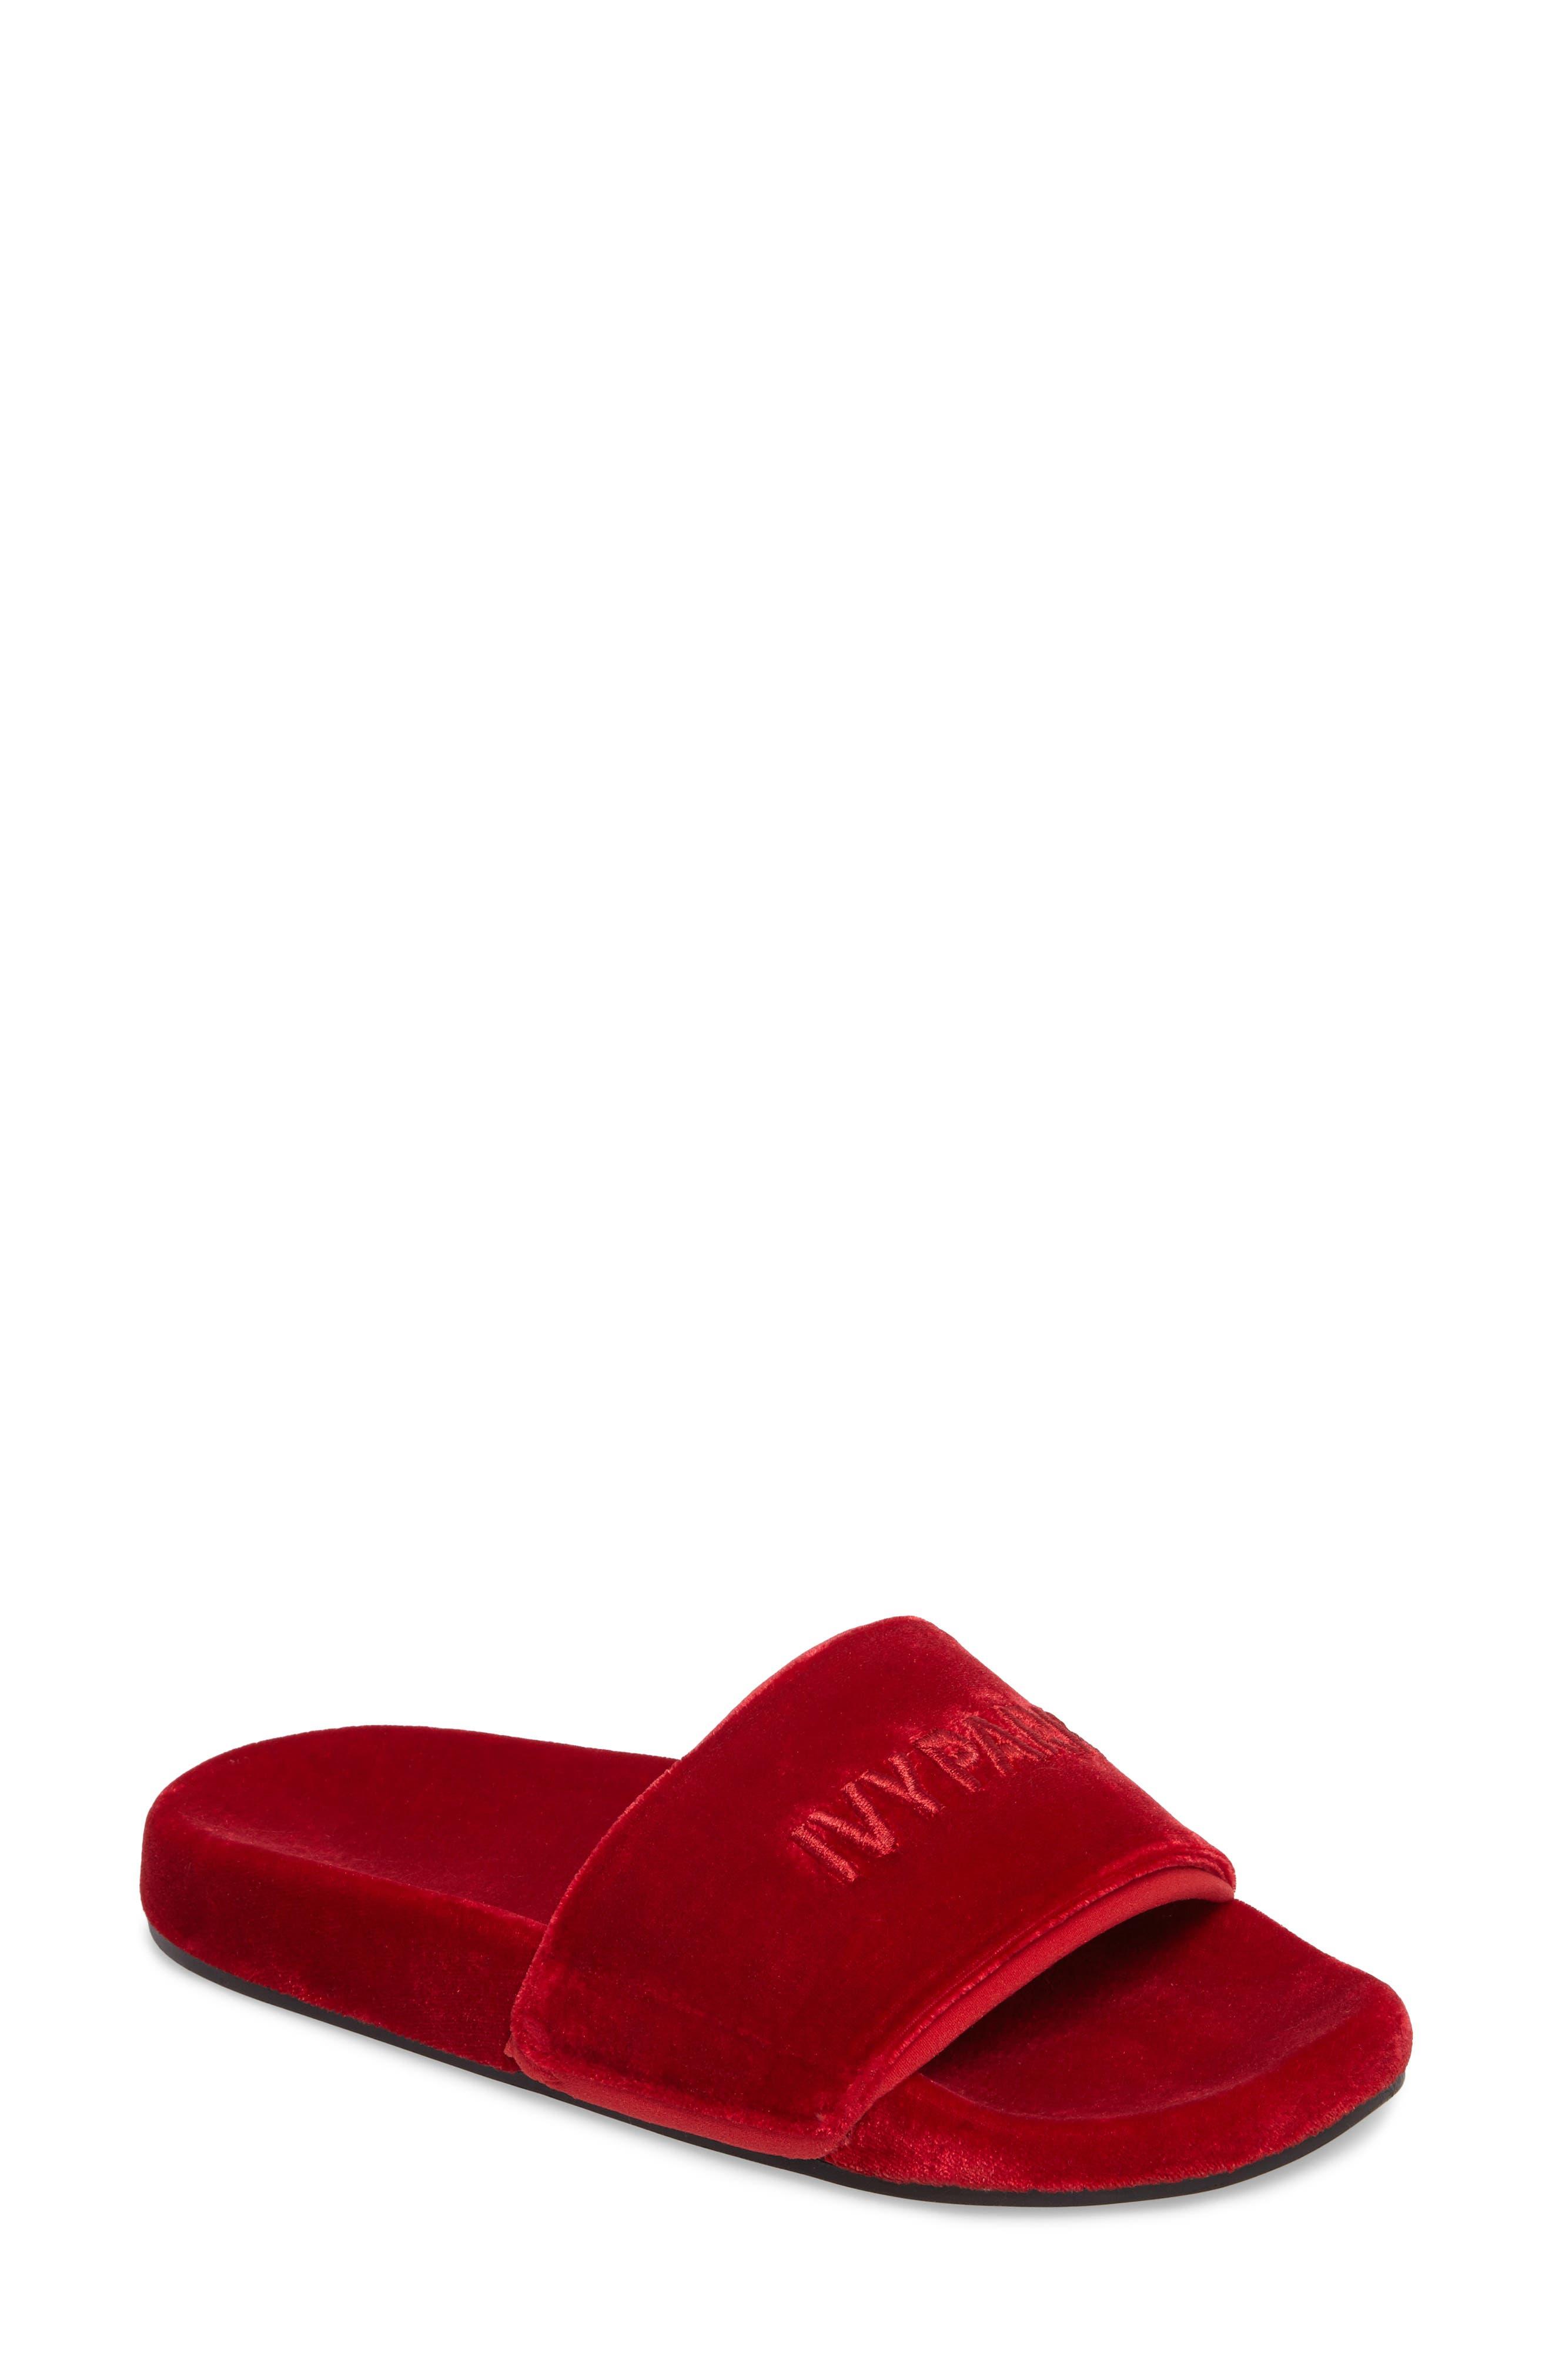 Alternate Image 1 Selected - IVY PARK® Velvet Embossed Slide Sandal (Women)